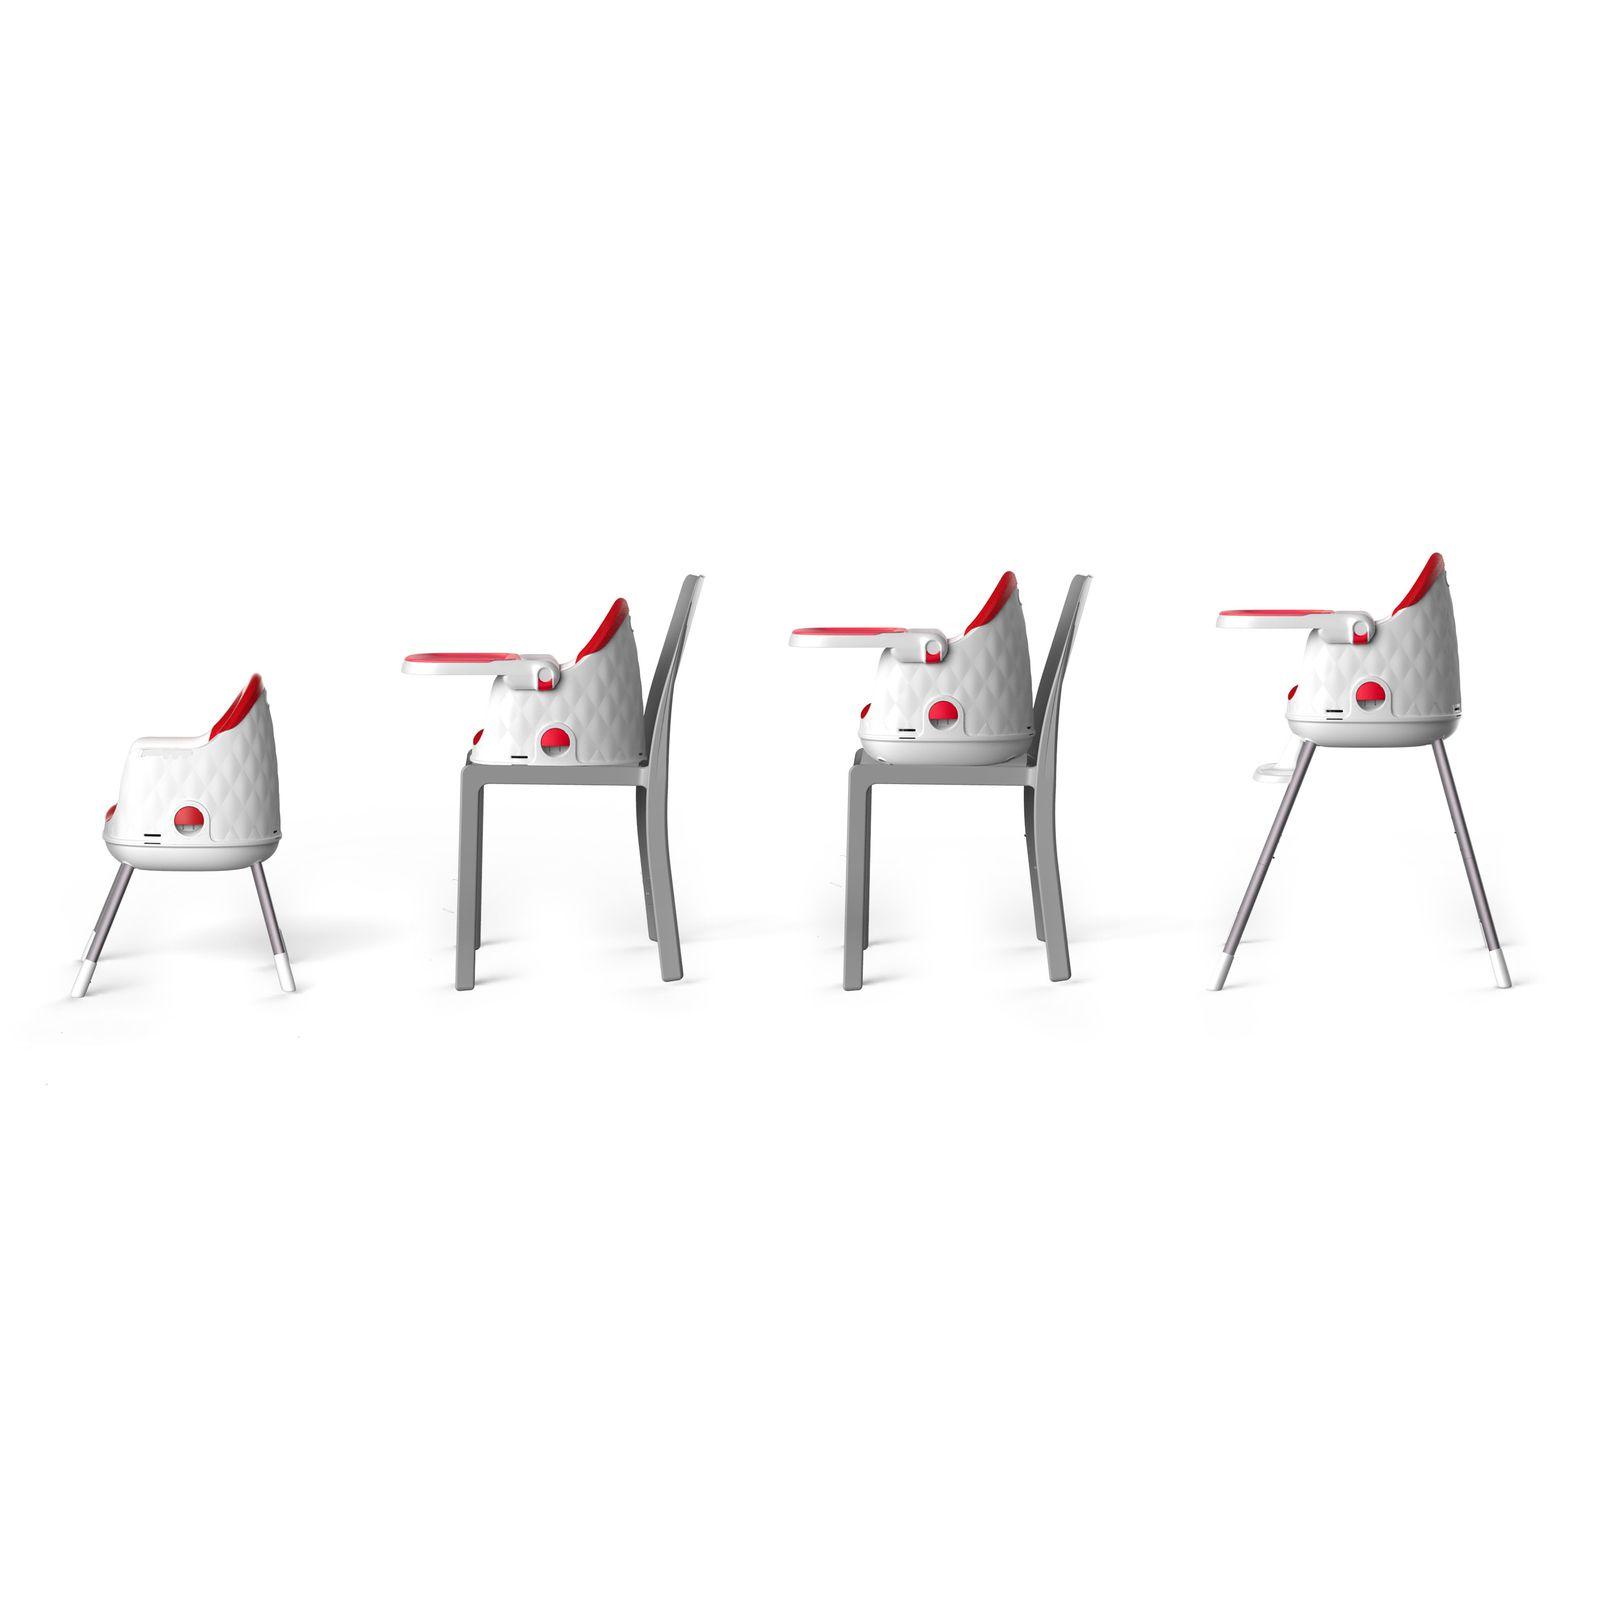 Cadeira Refeição Jelly Red - Safety 1st Ref Imp91527